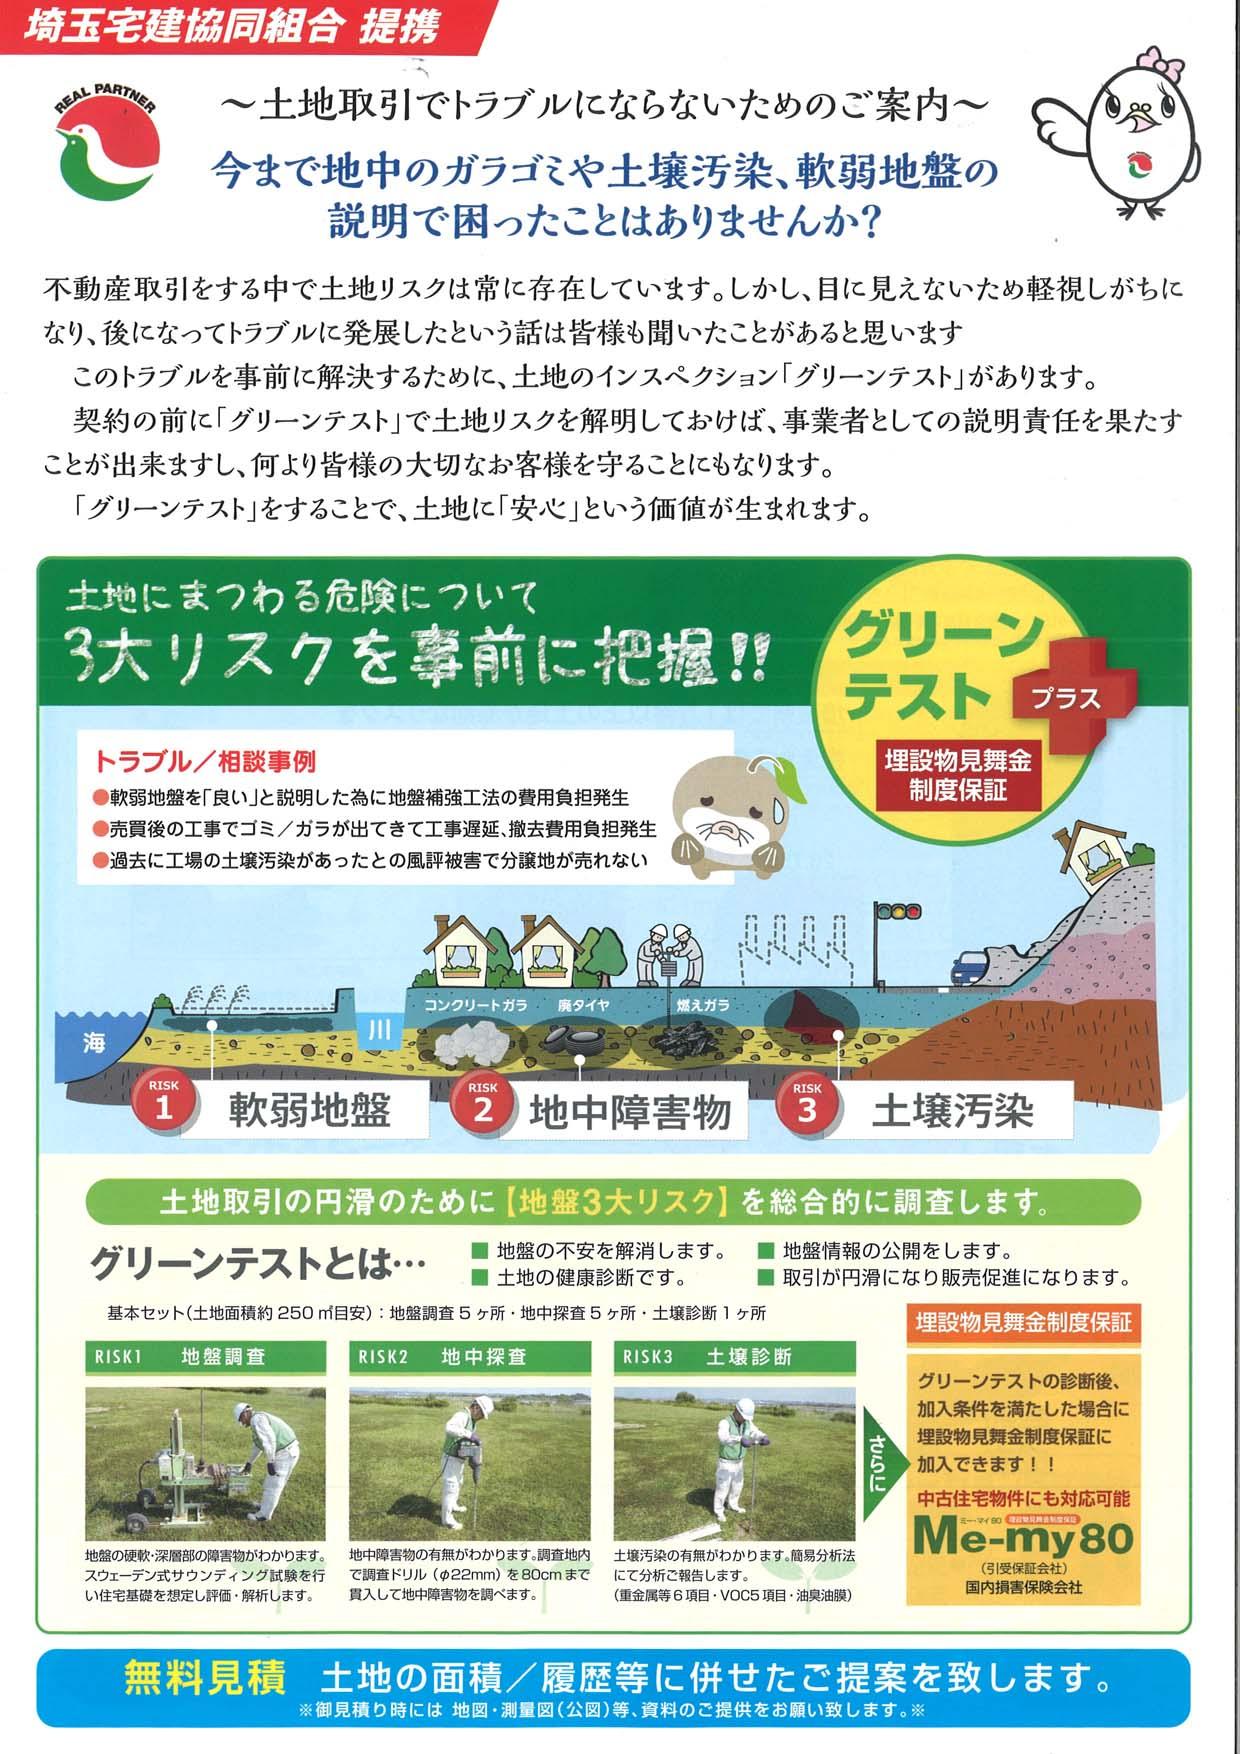 軟弱地盤・地中障害物・土壌汚染対策パンフレット